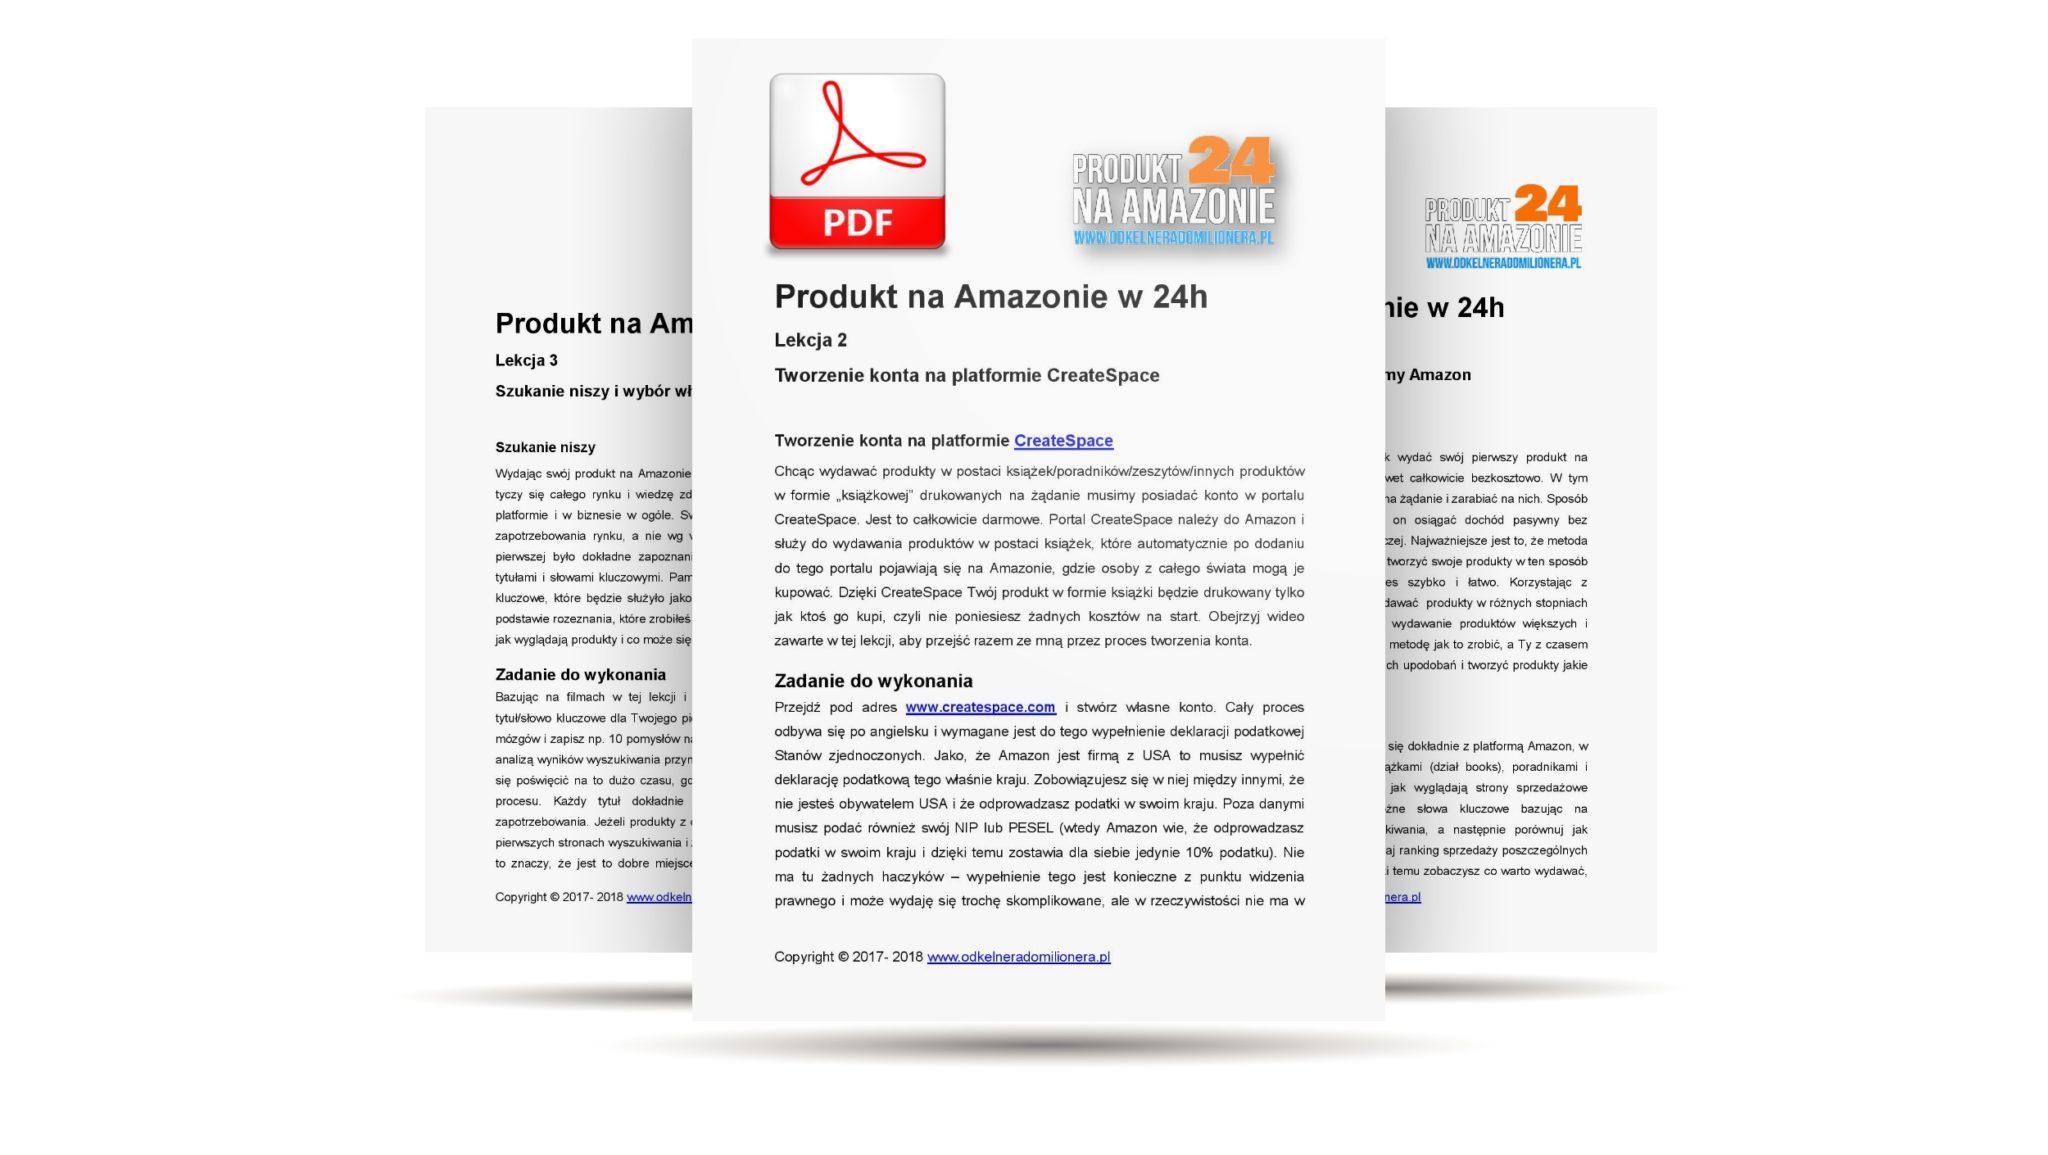 Kurs Amazon Produkt24 - Skrypty lekcji w PDF